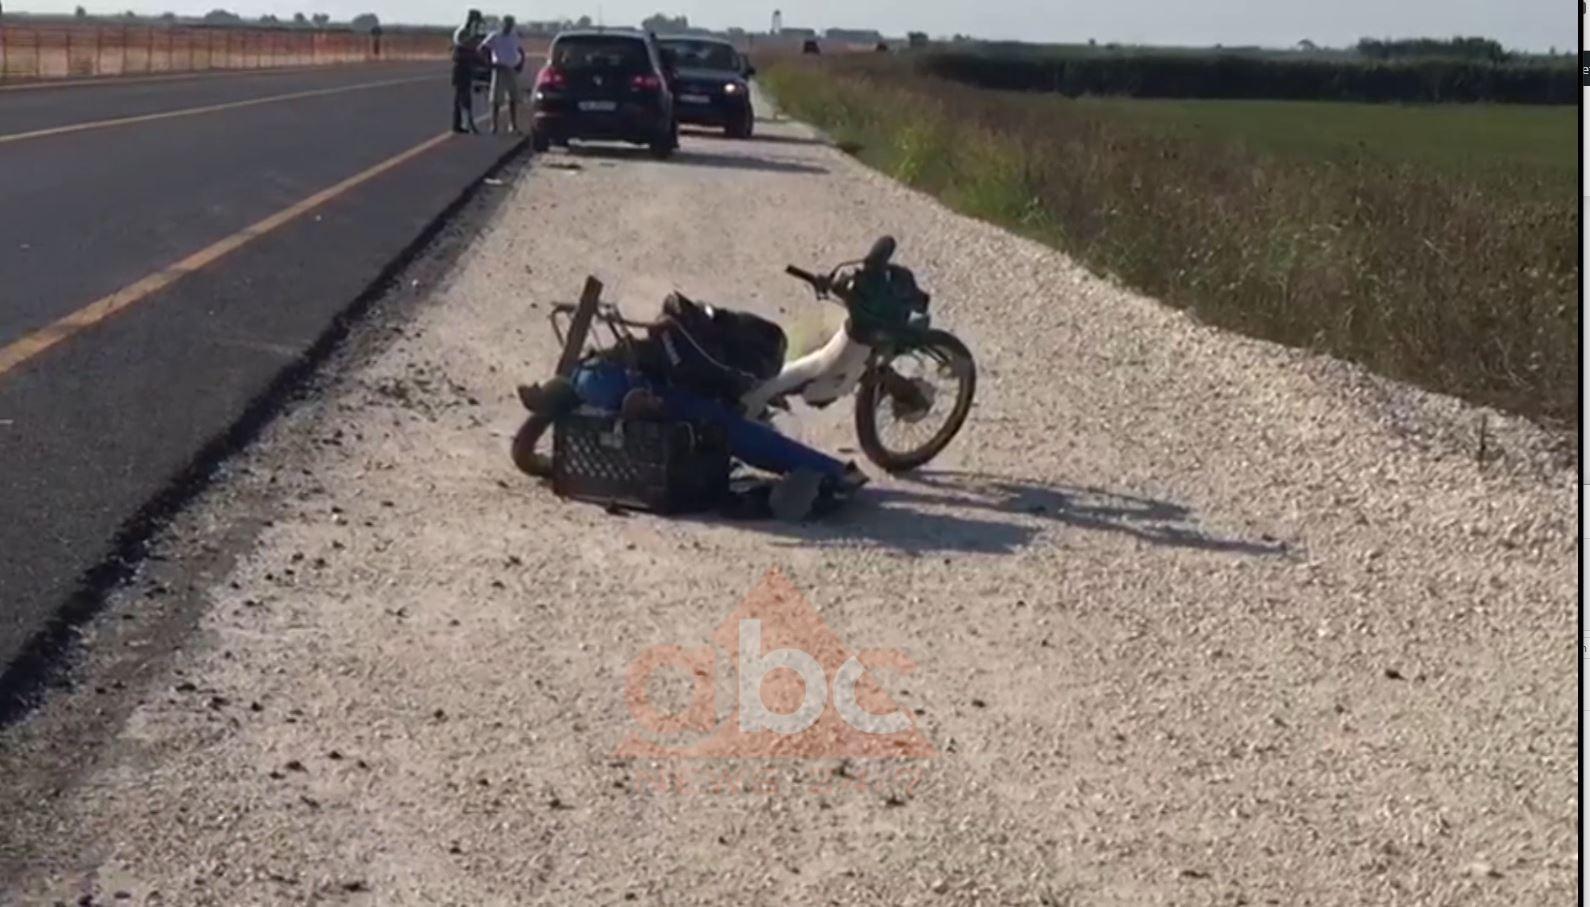 Fier/ Makina përplaset me motoçikletën, vdes 65-vjeçari